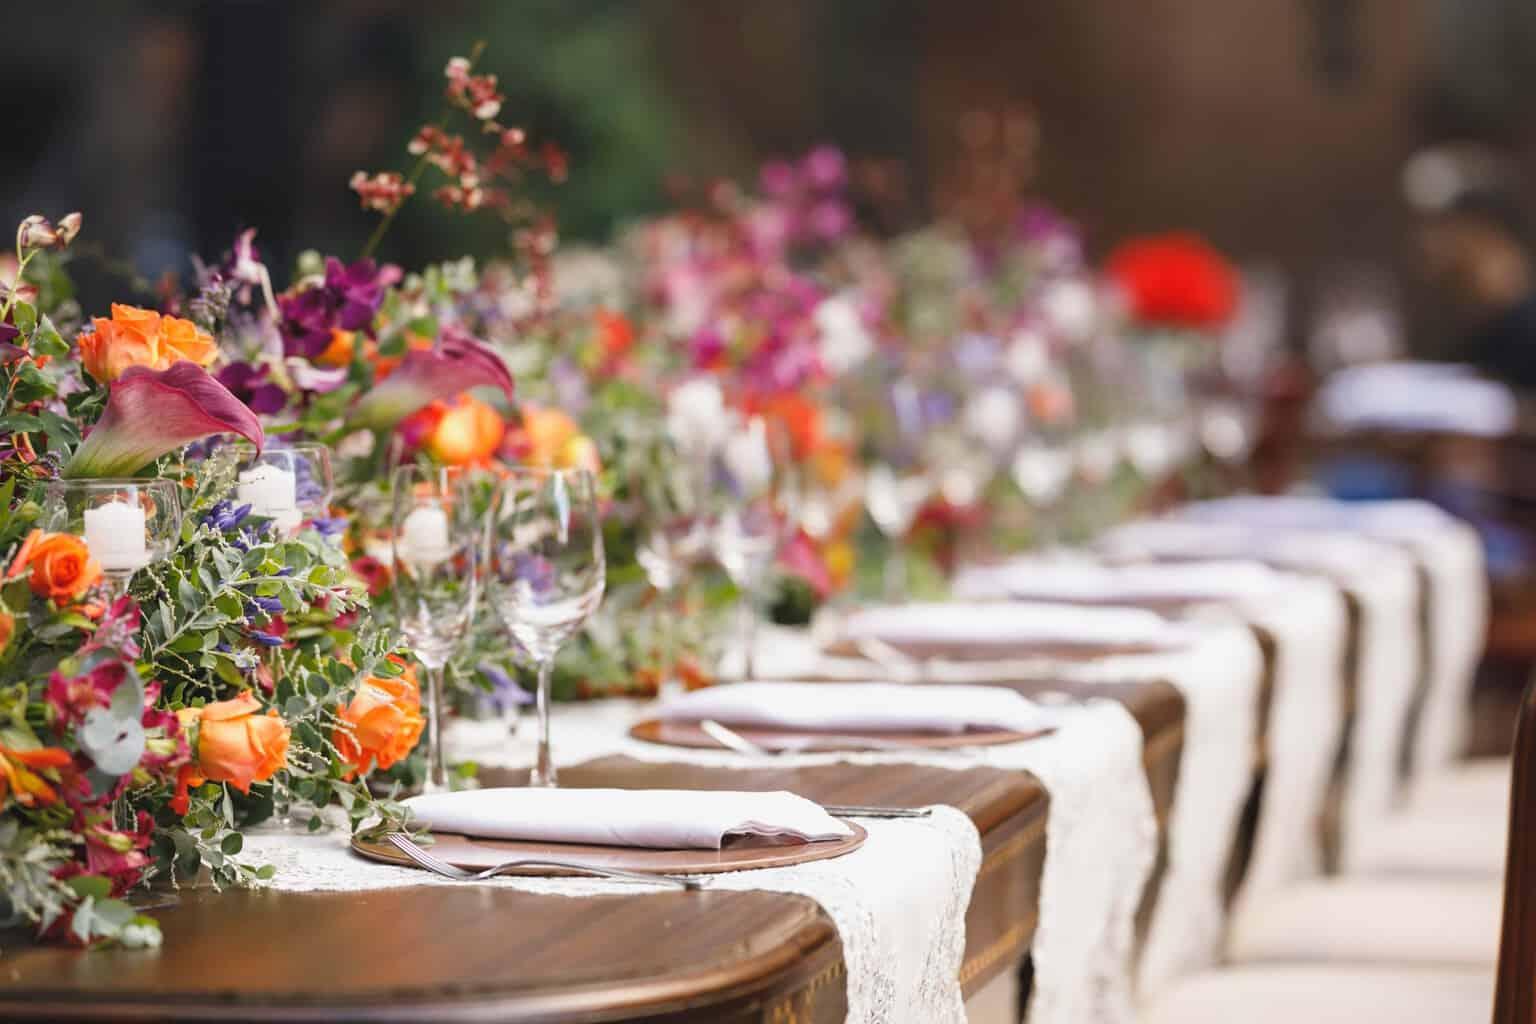 casamento-na-Fazenda-Vila-Rica-cerimonial-Ana-Paula-Tabet-decoracao-colorida-Fotografia-Euka-Weddings-Renata-e-Gabriel5